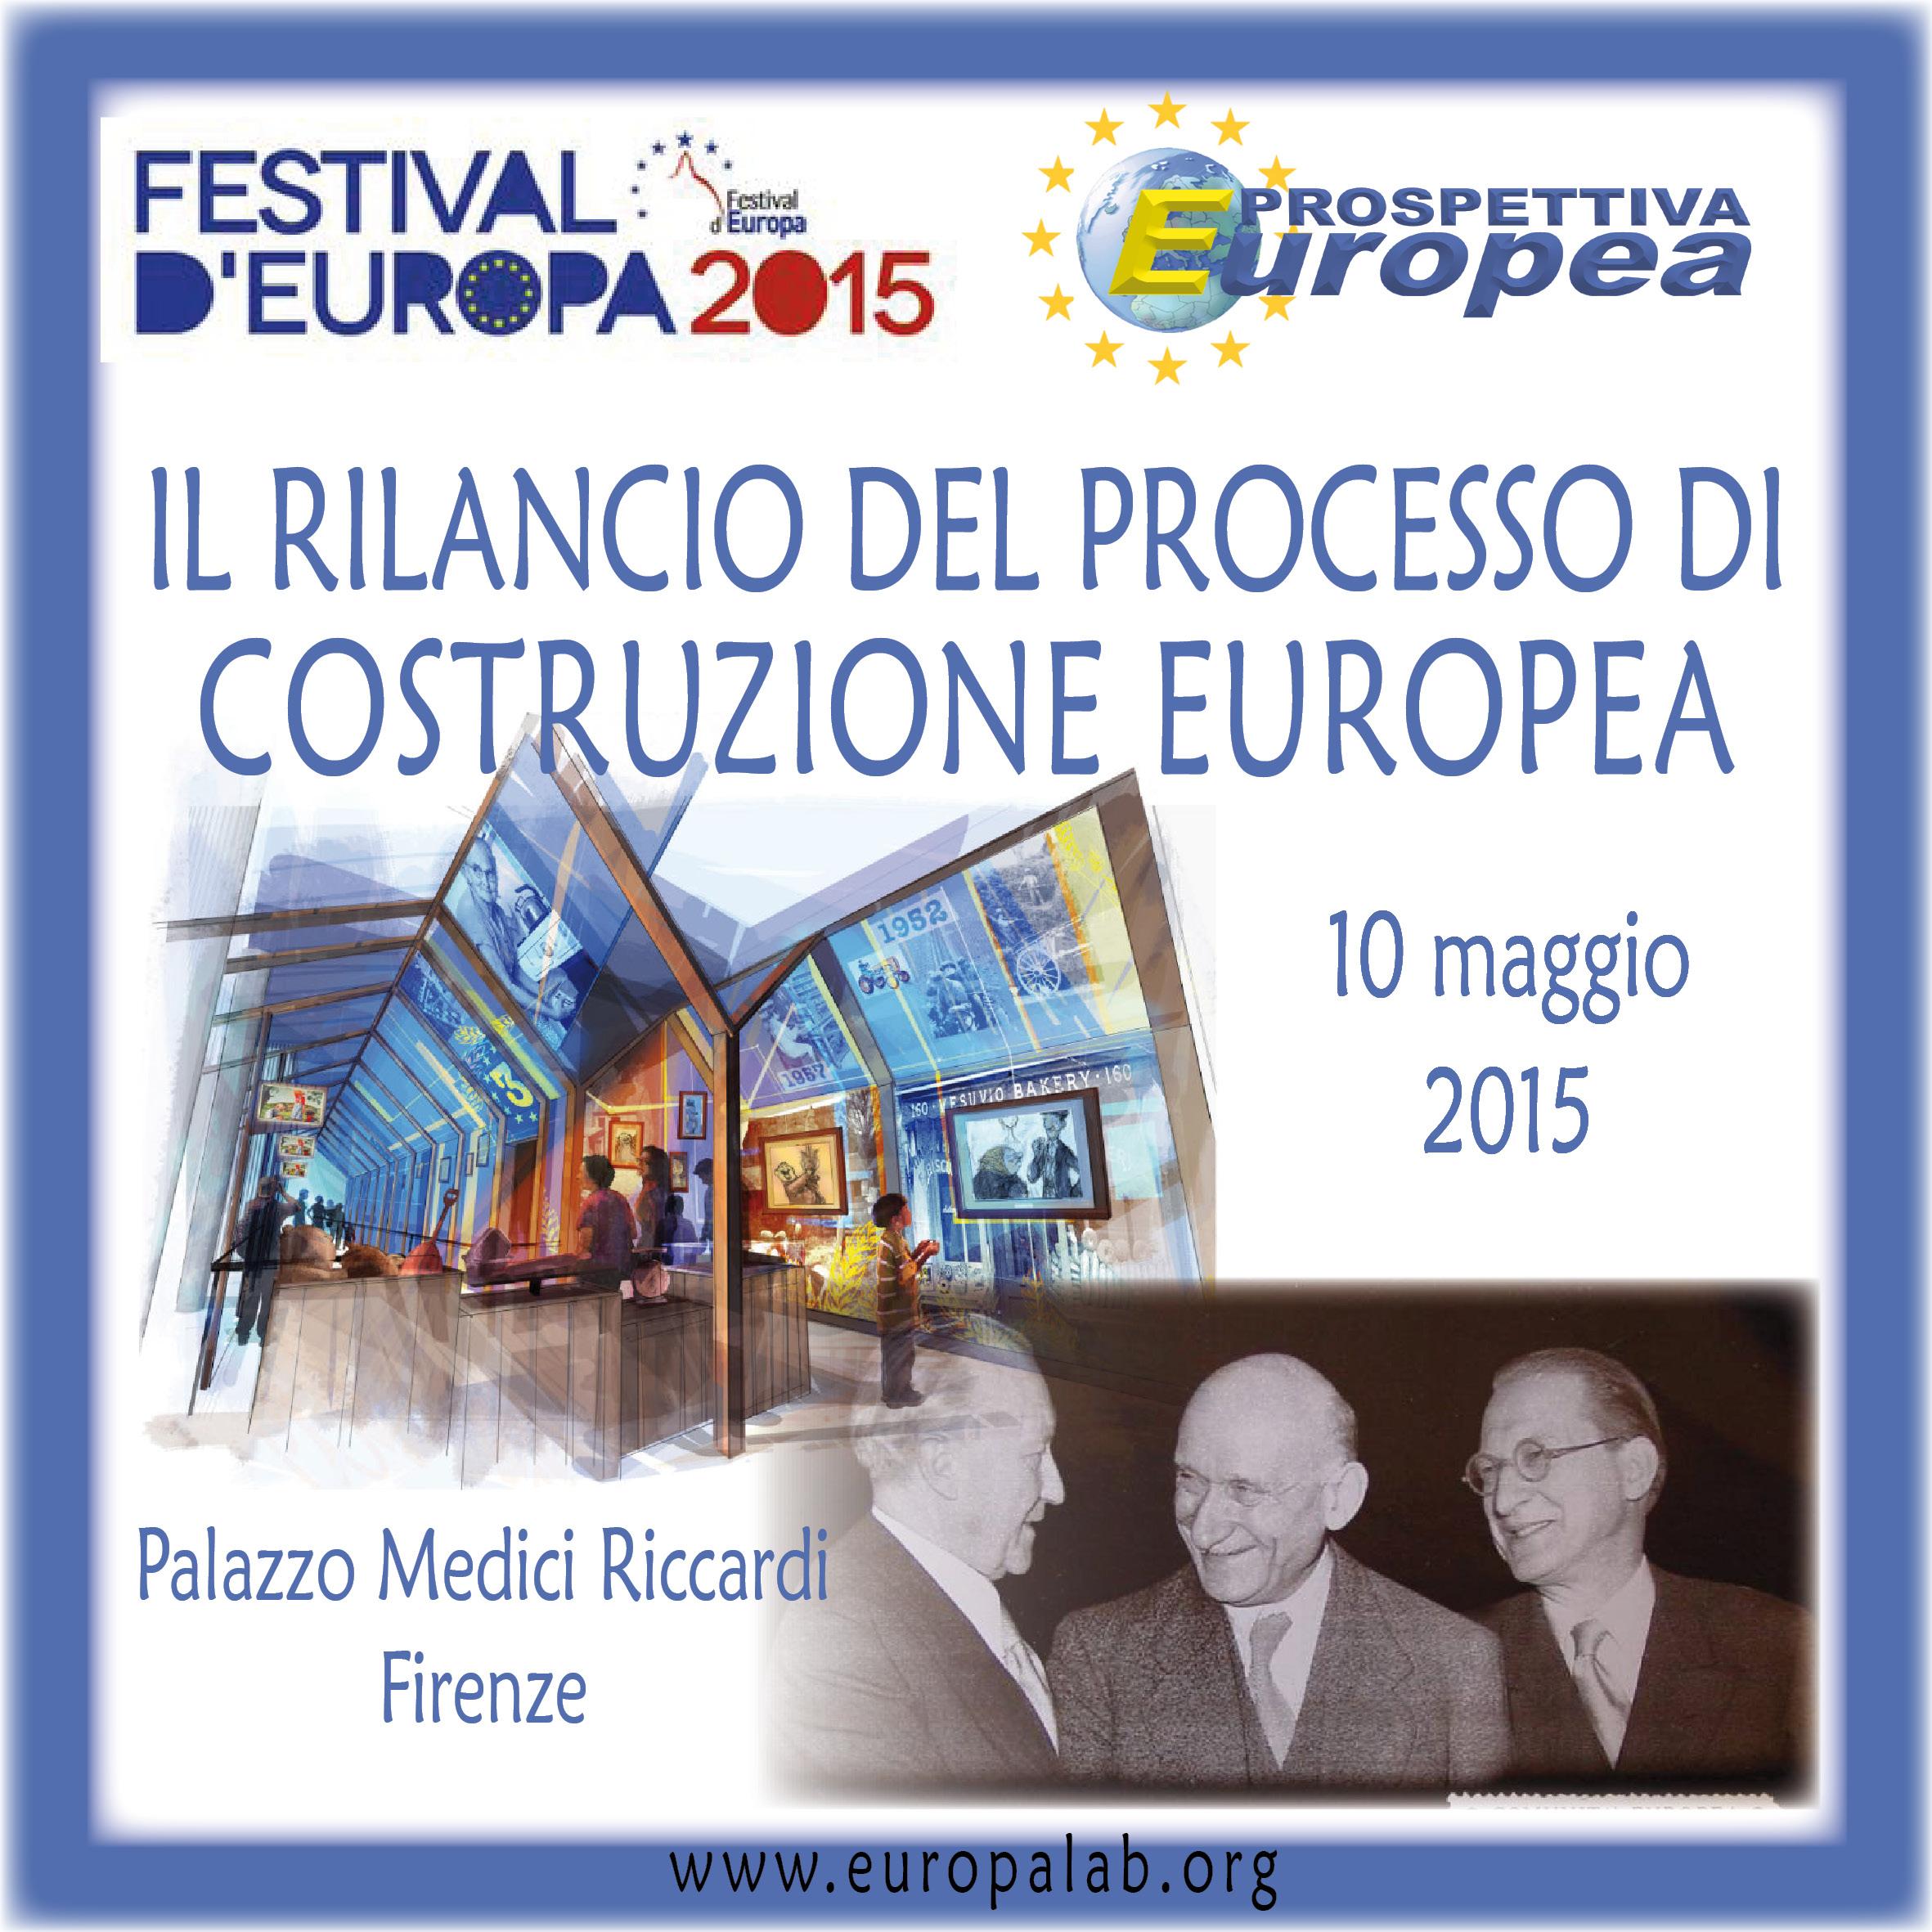 Immagine Evento Prospettiva Europea Firenze 10 maggio